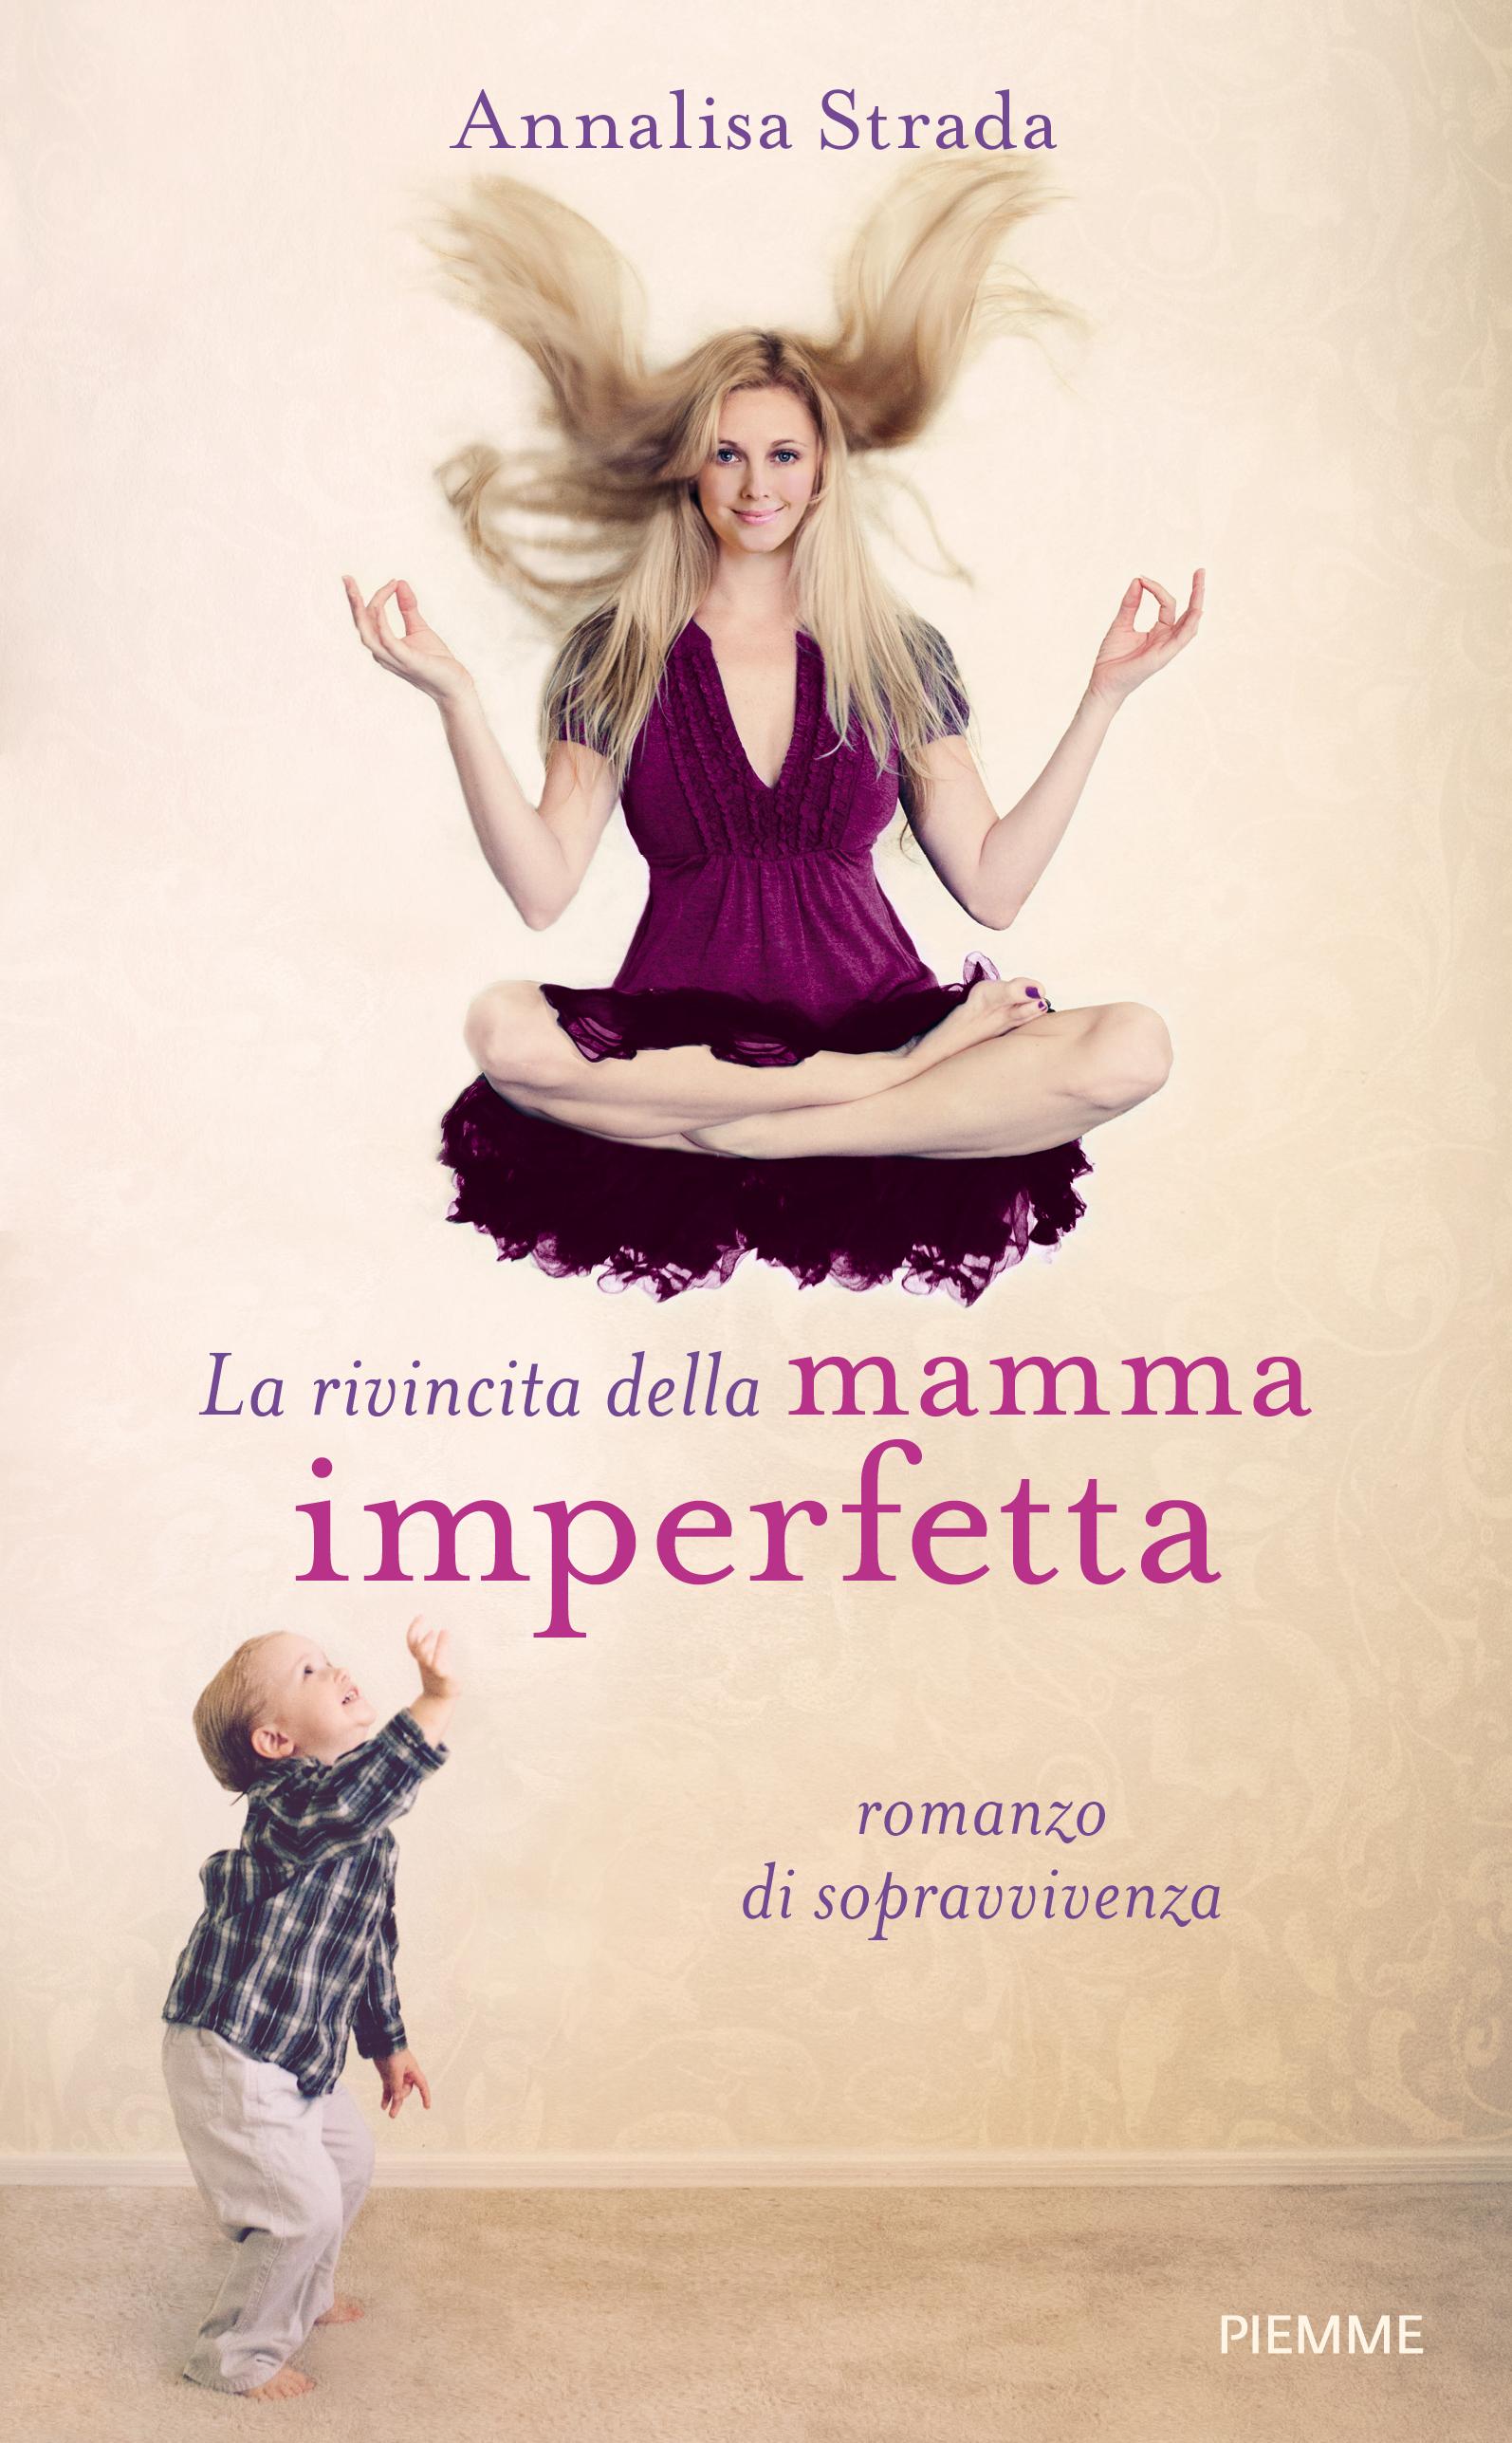 strada_la rivincita della mamma imperfetta_cover